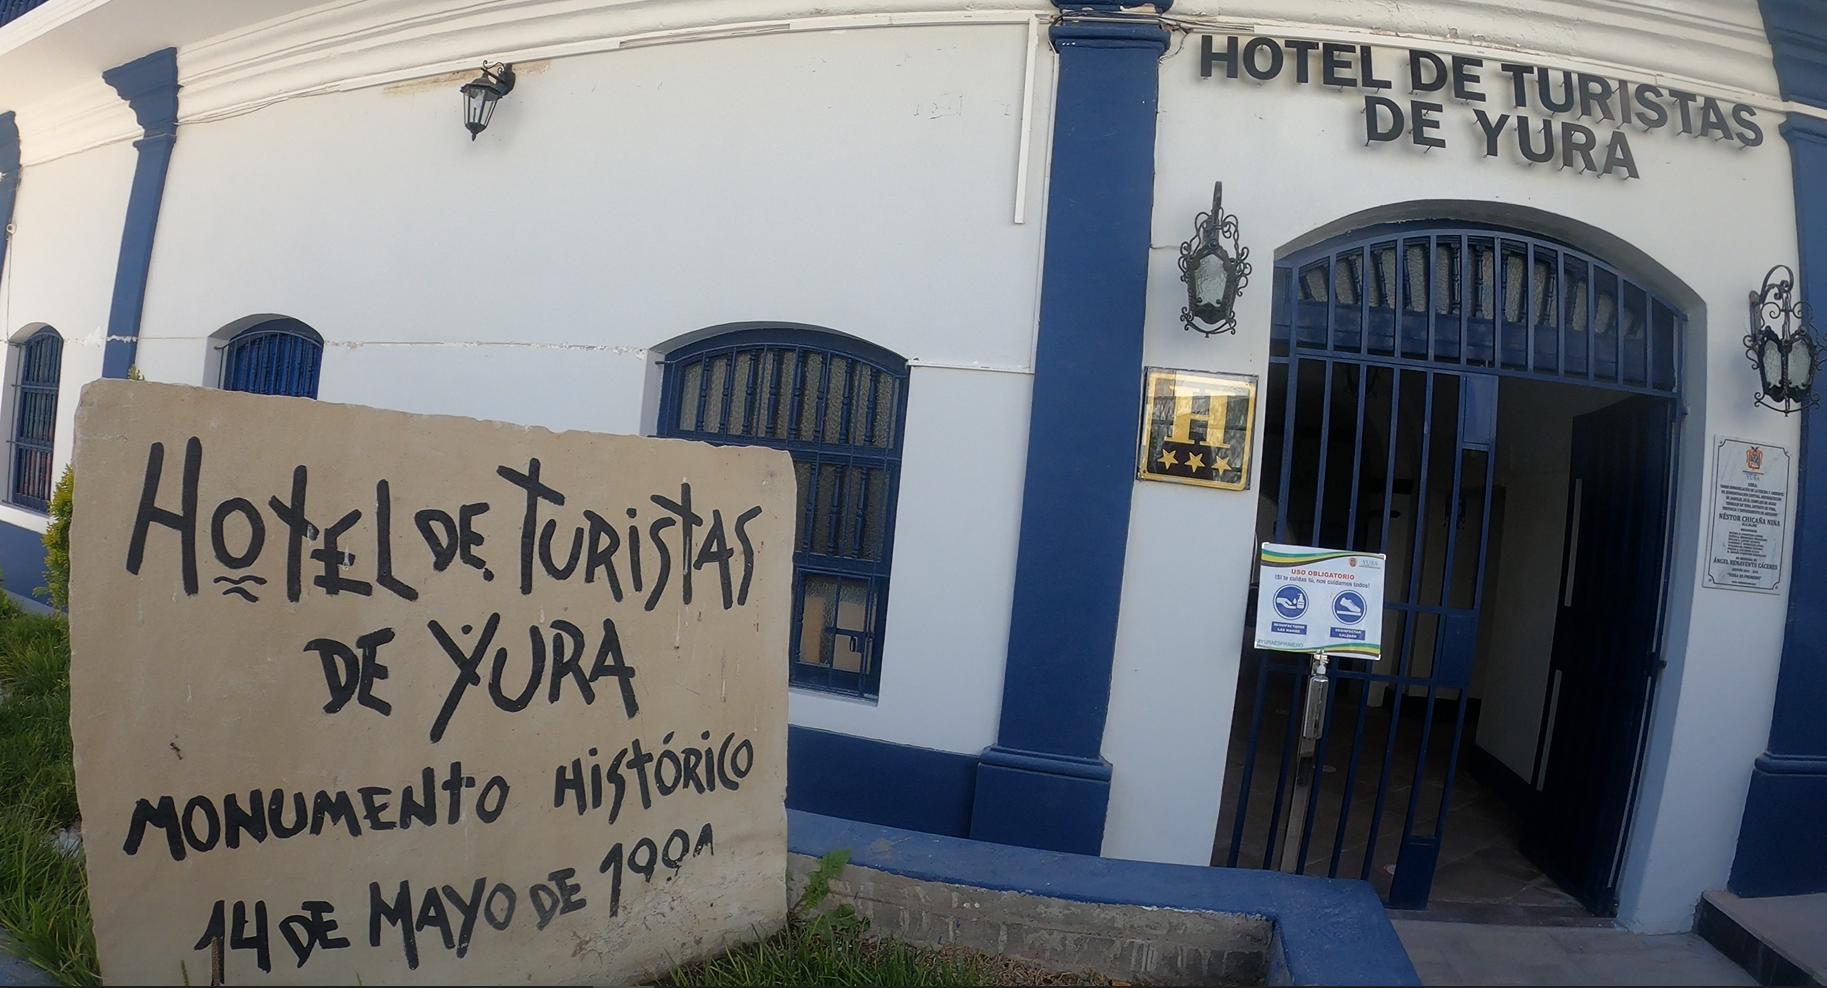 Hotel de turistas de Yura